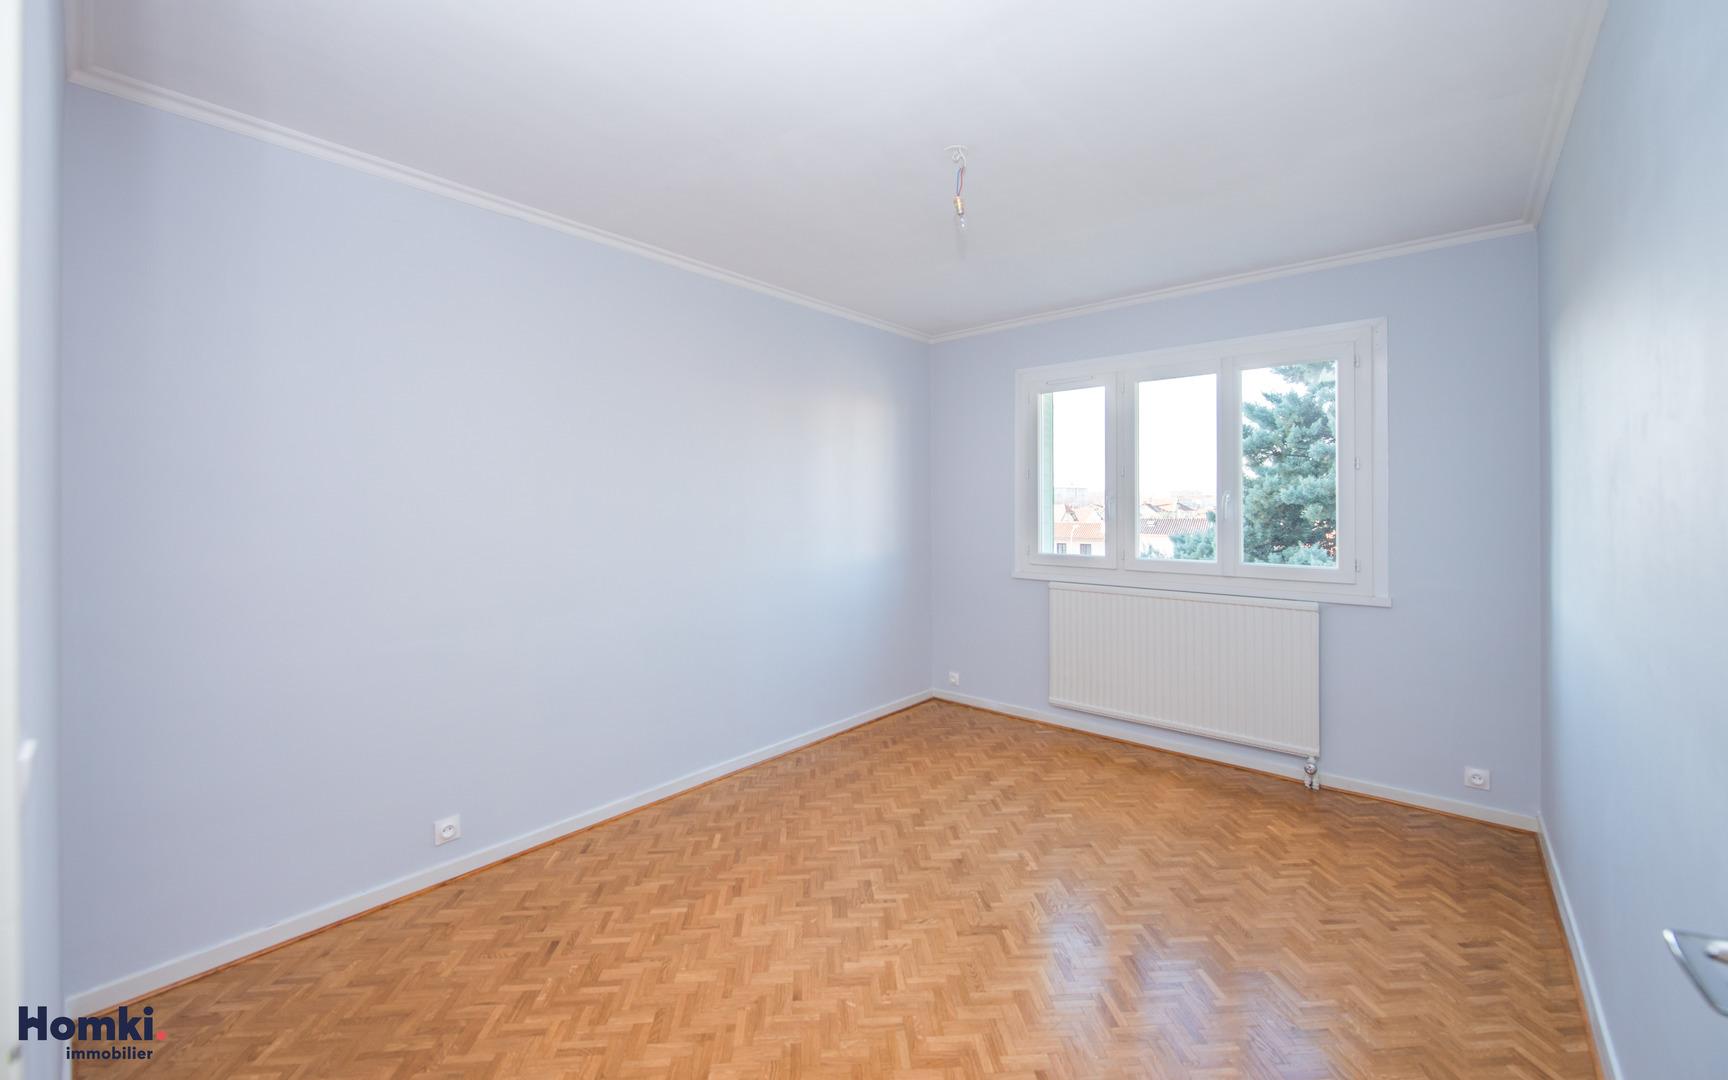 Appartement I 82m² I T3 I 69008 _10